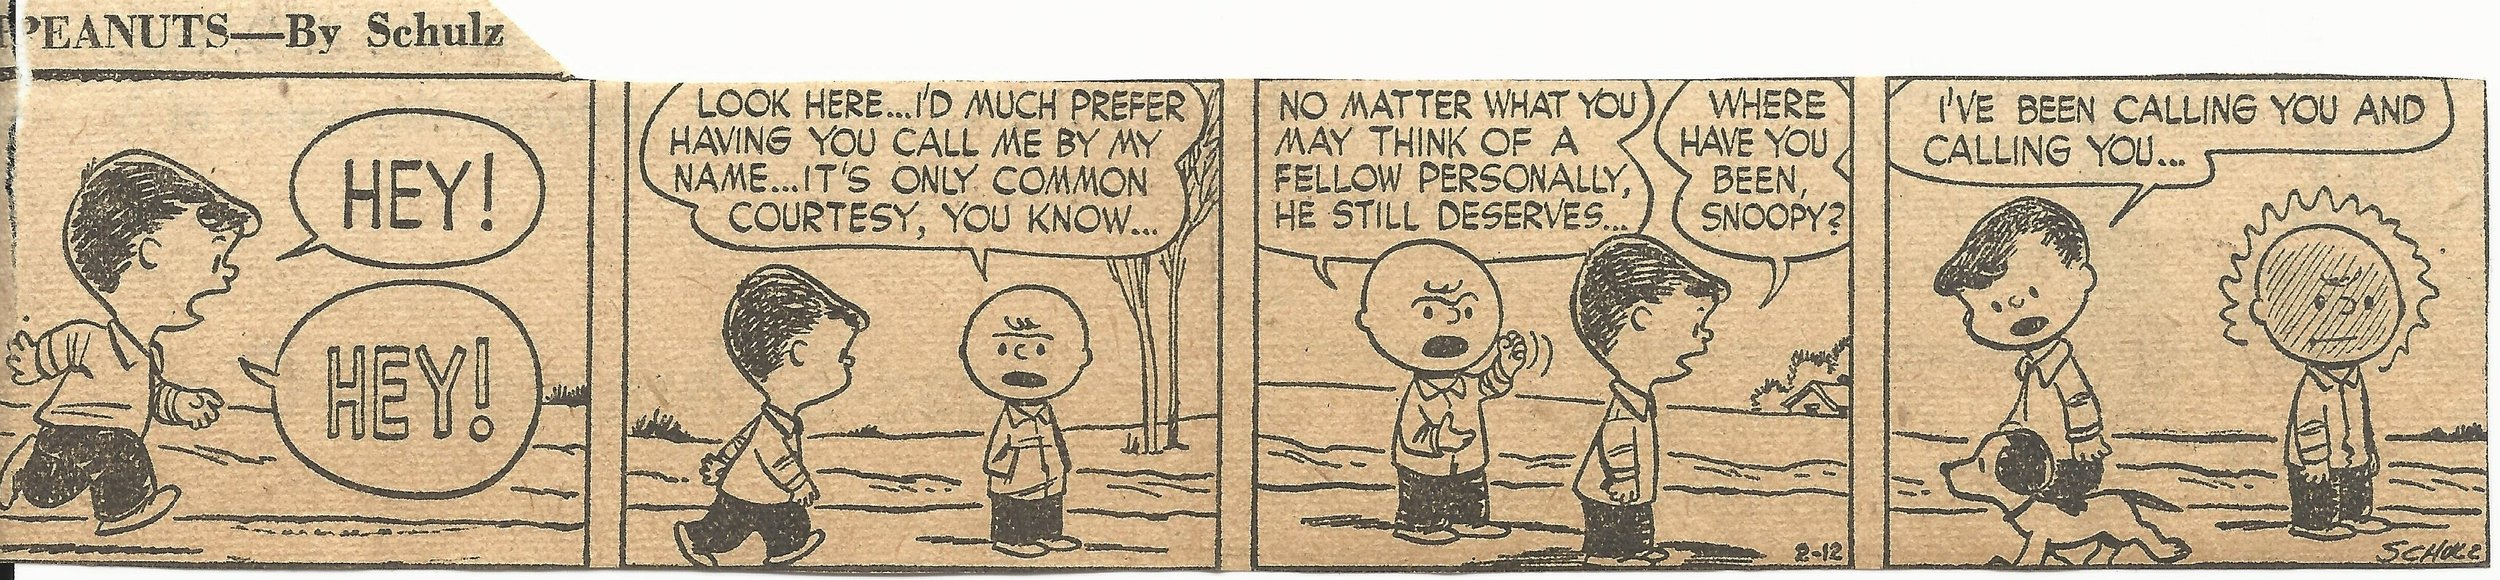 11. Feb. 12, 1953 (Oma)_Page_6 (1).jpg